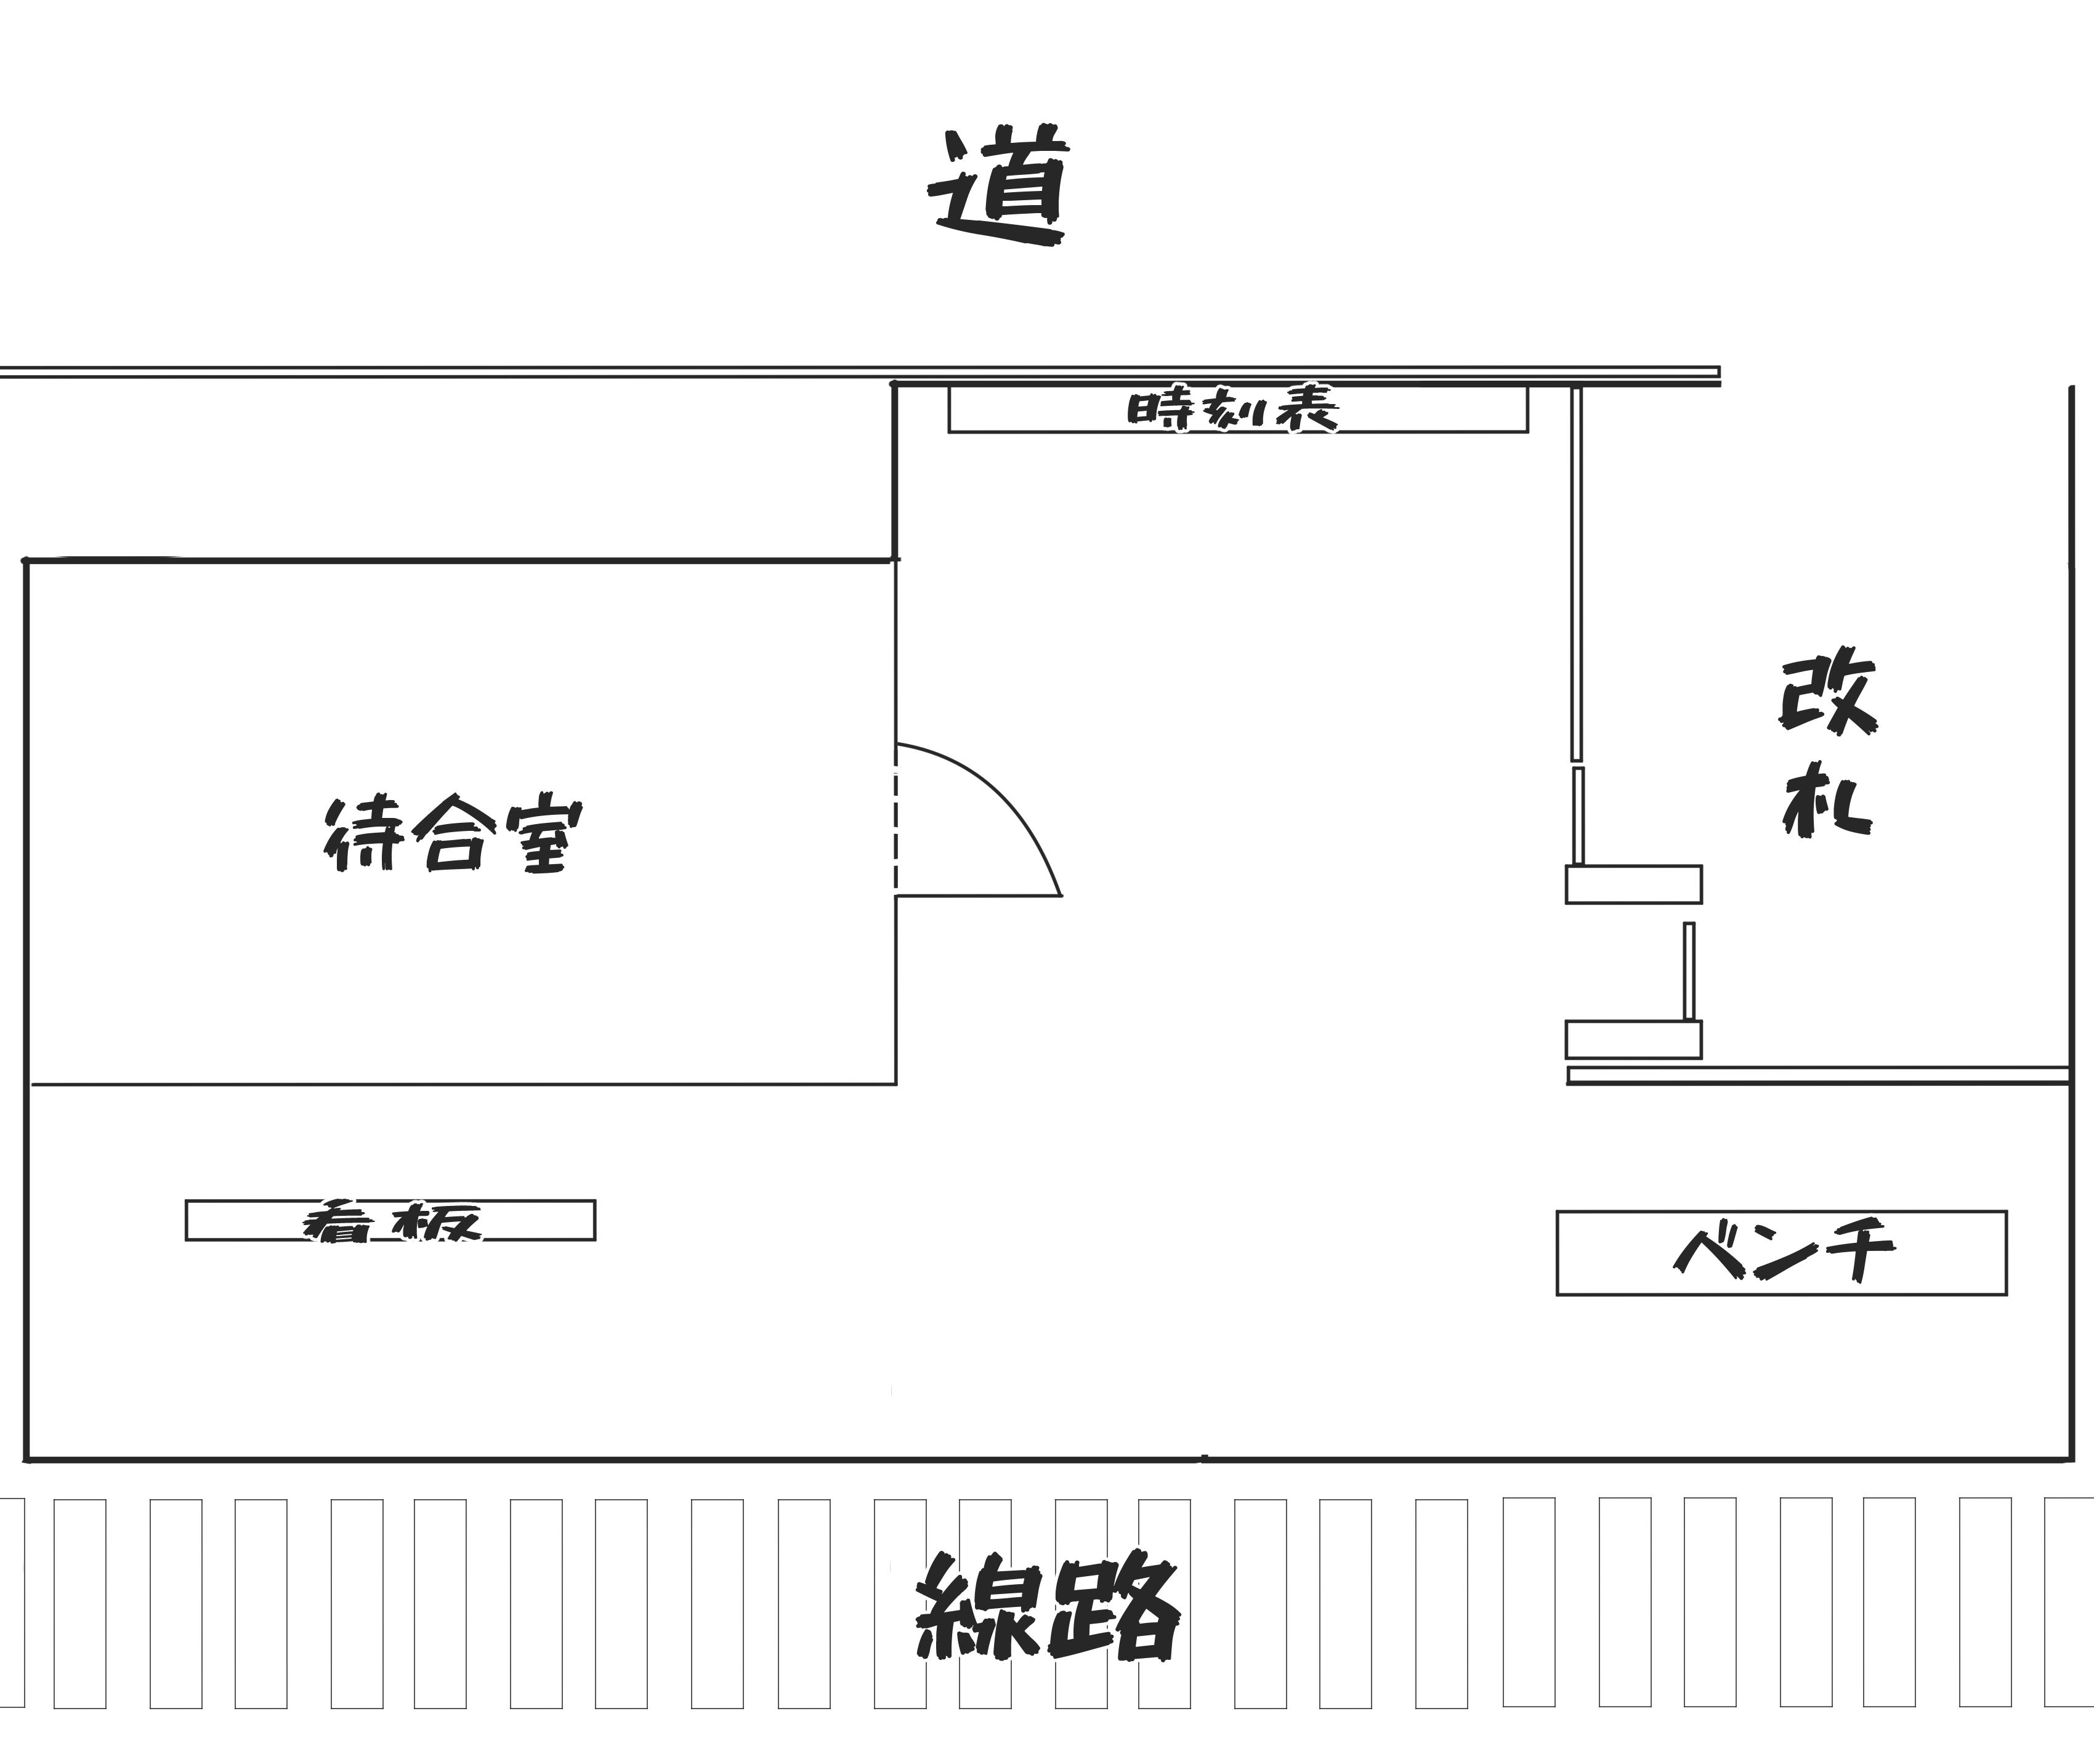 駅構内簡易マップ